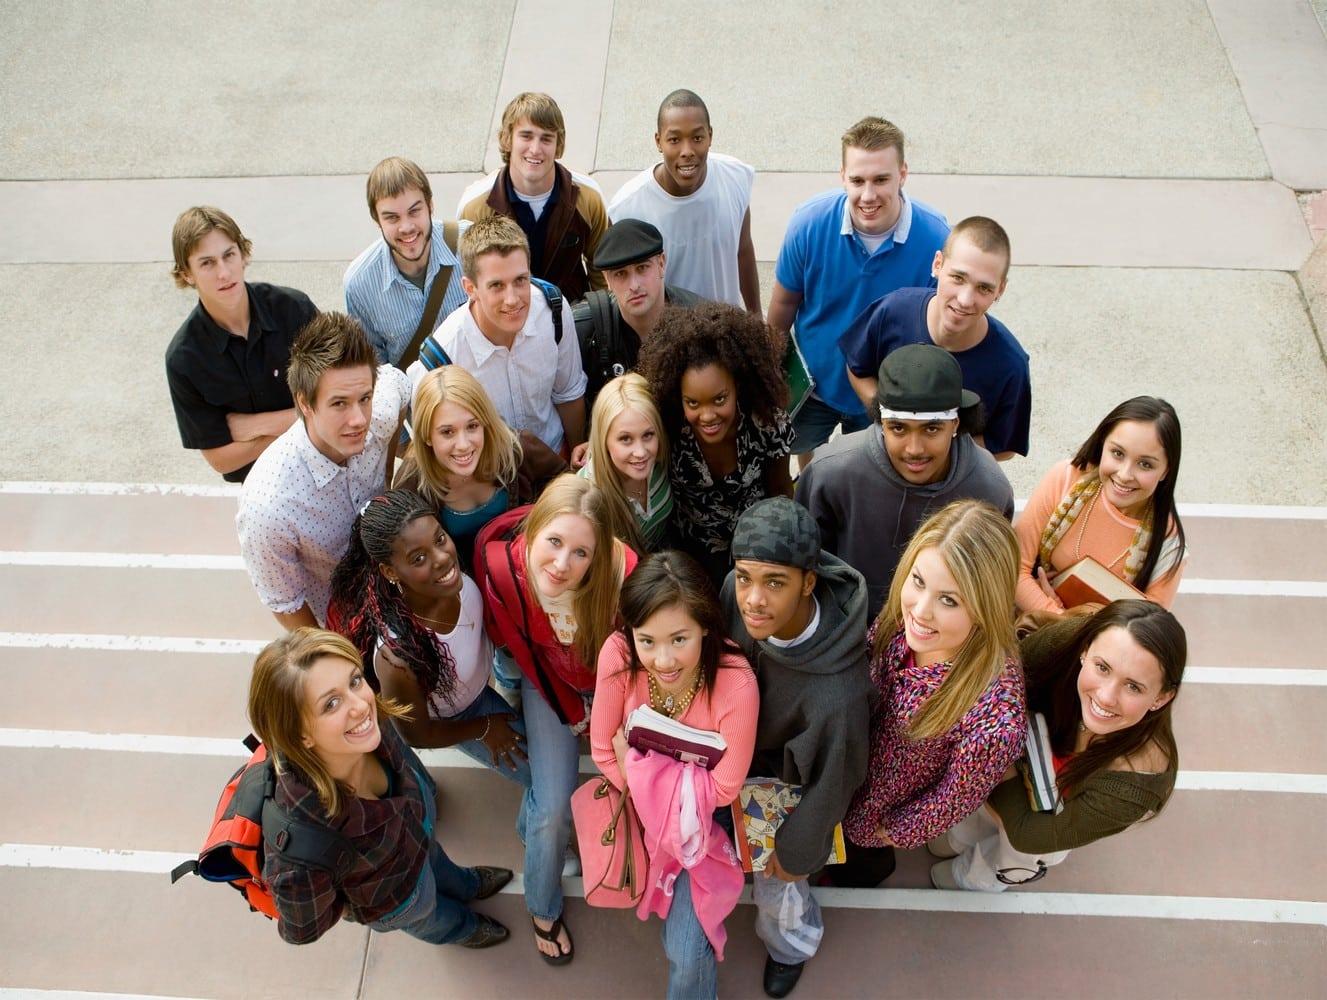 comment trouver un logement étudiant